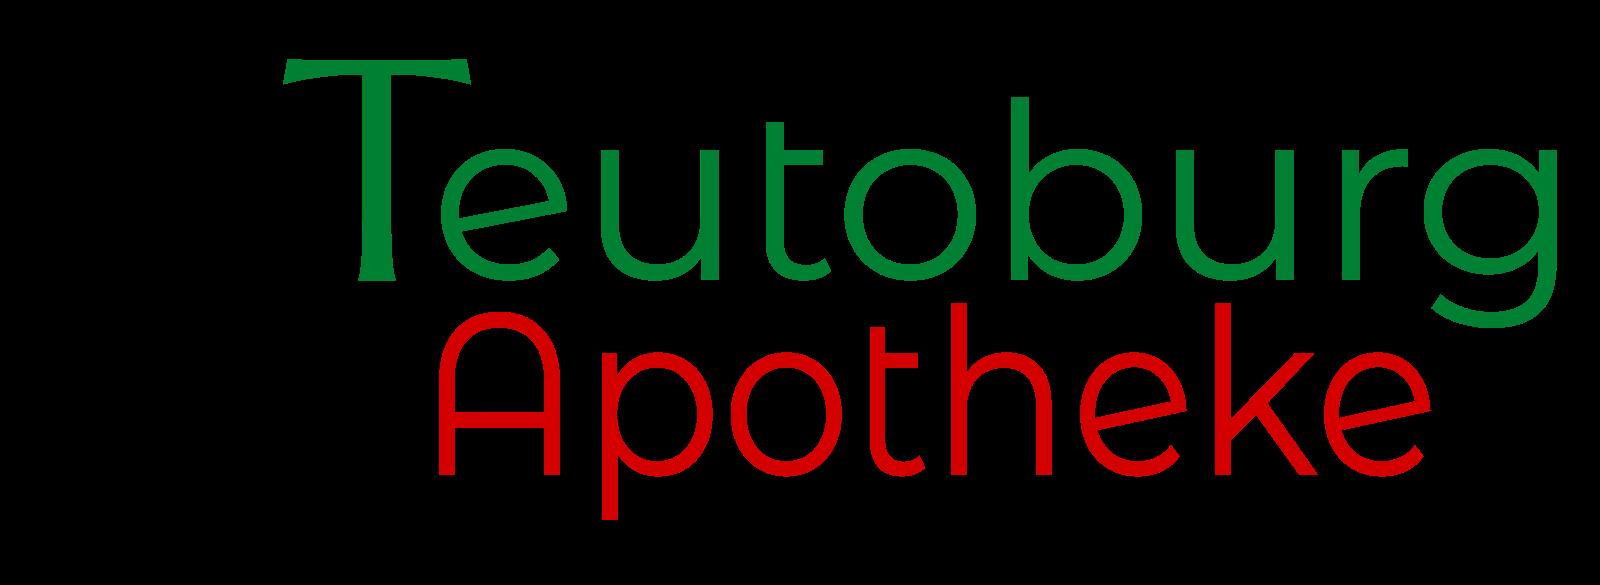 Teutoburg Apotheke